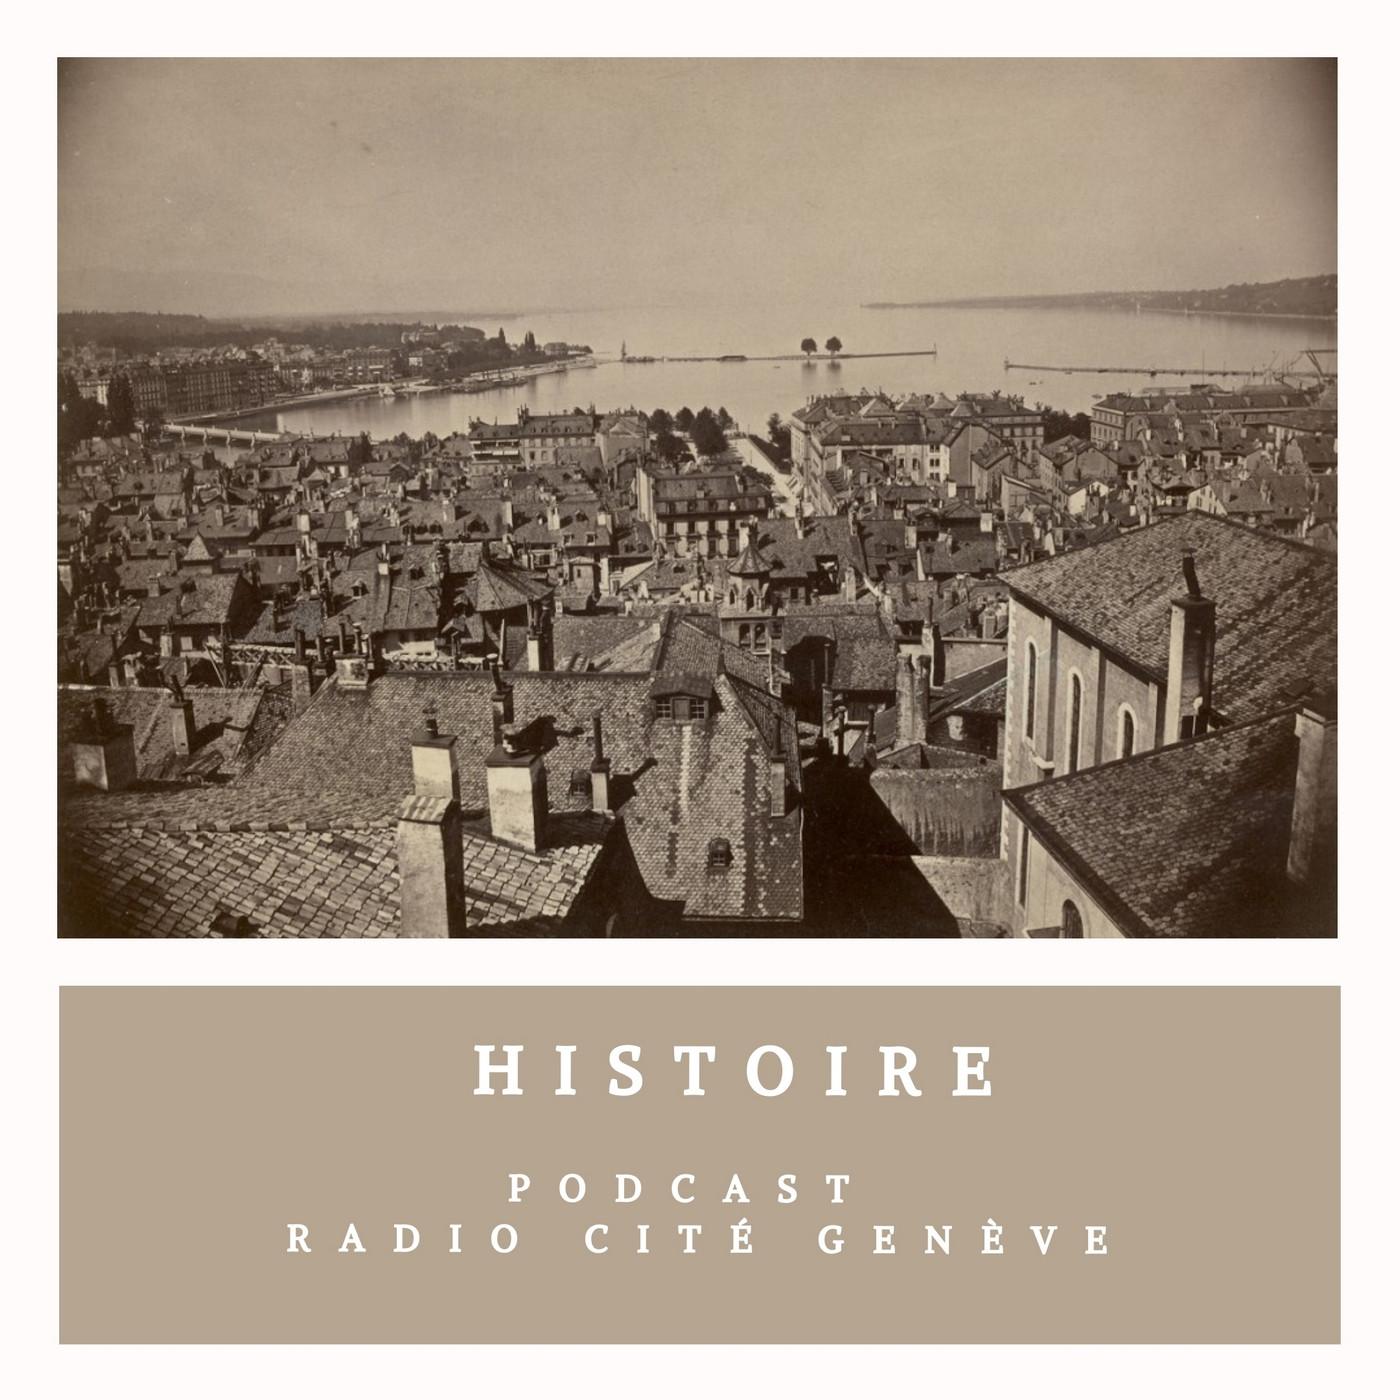 Histoire - 05/02/21 - Confiseries genevoises